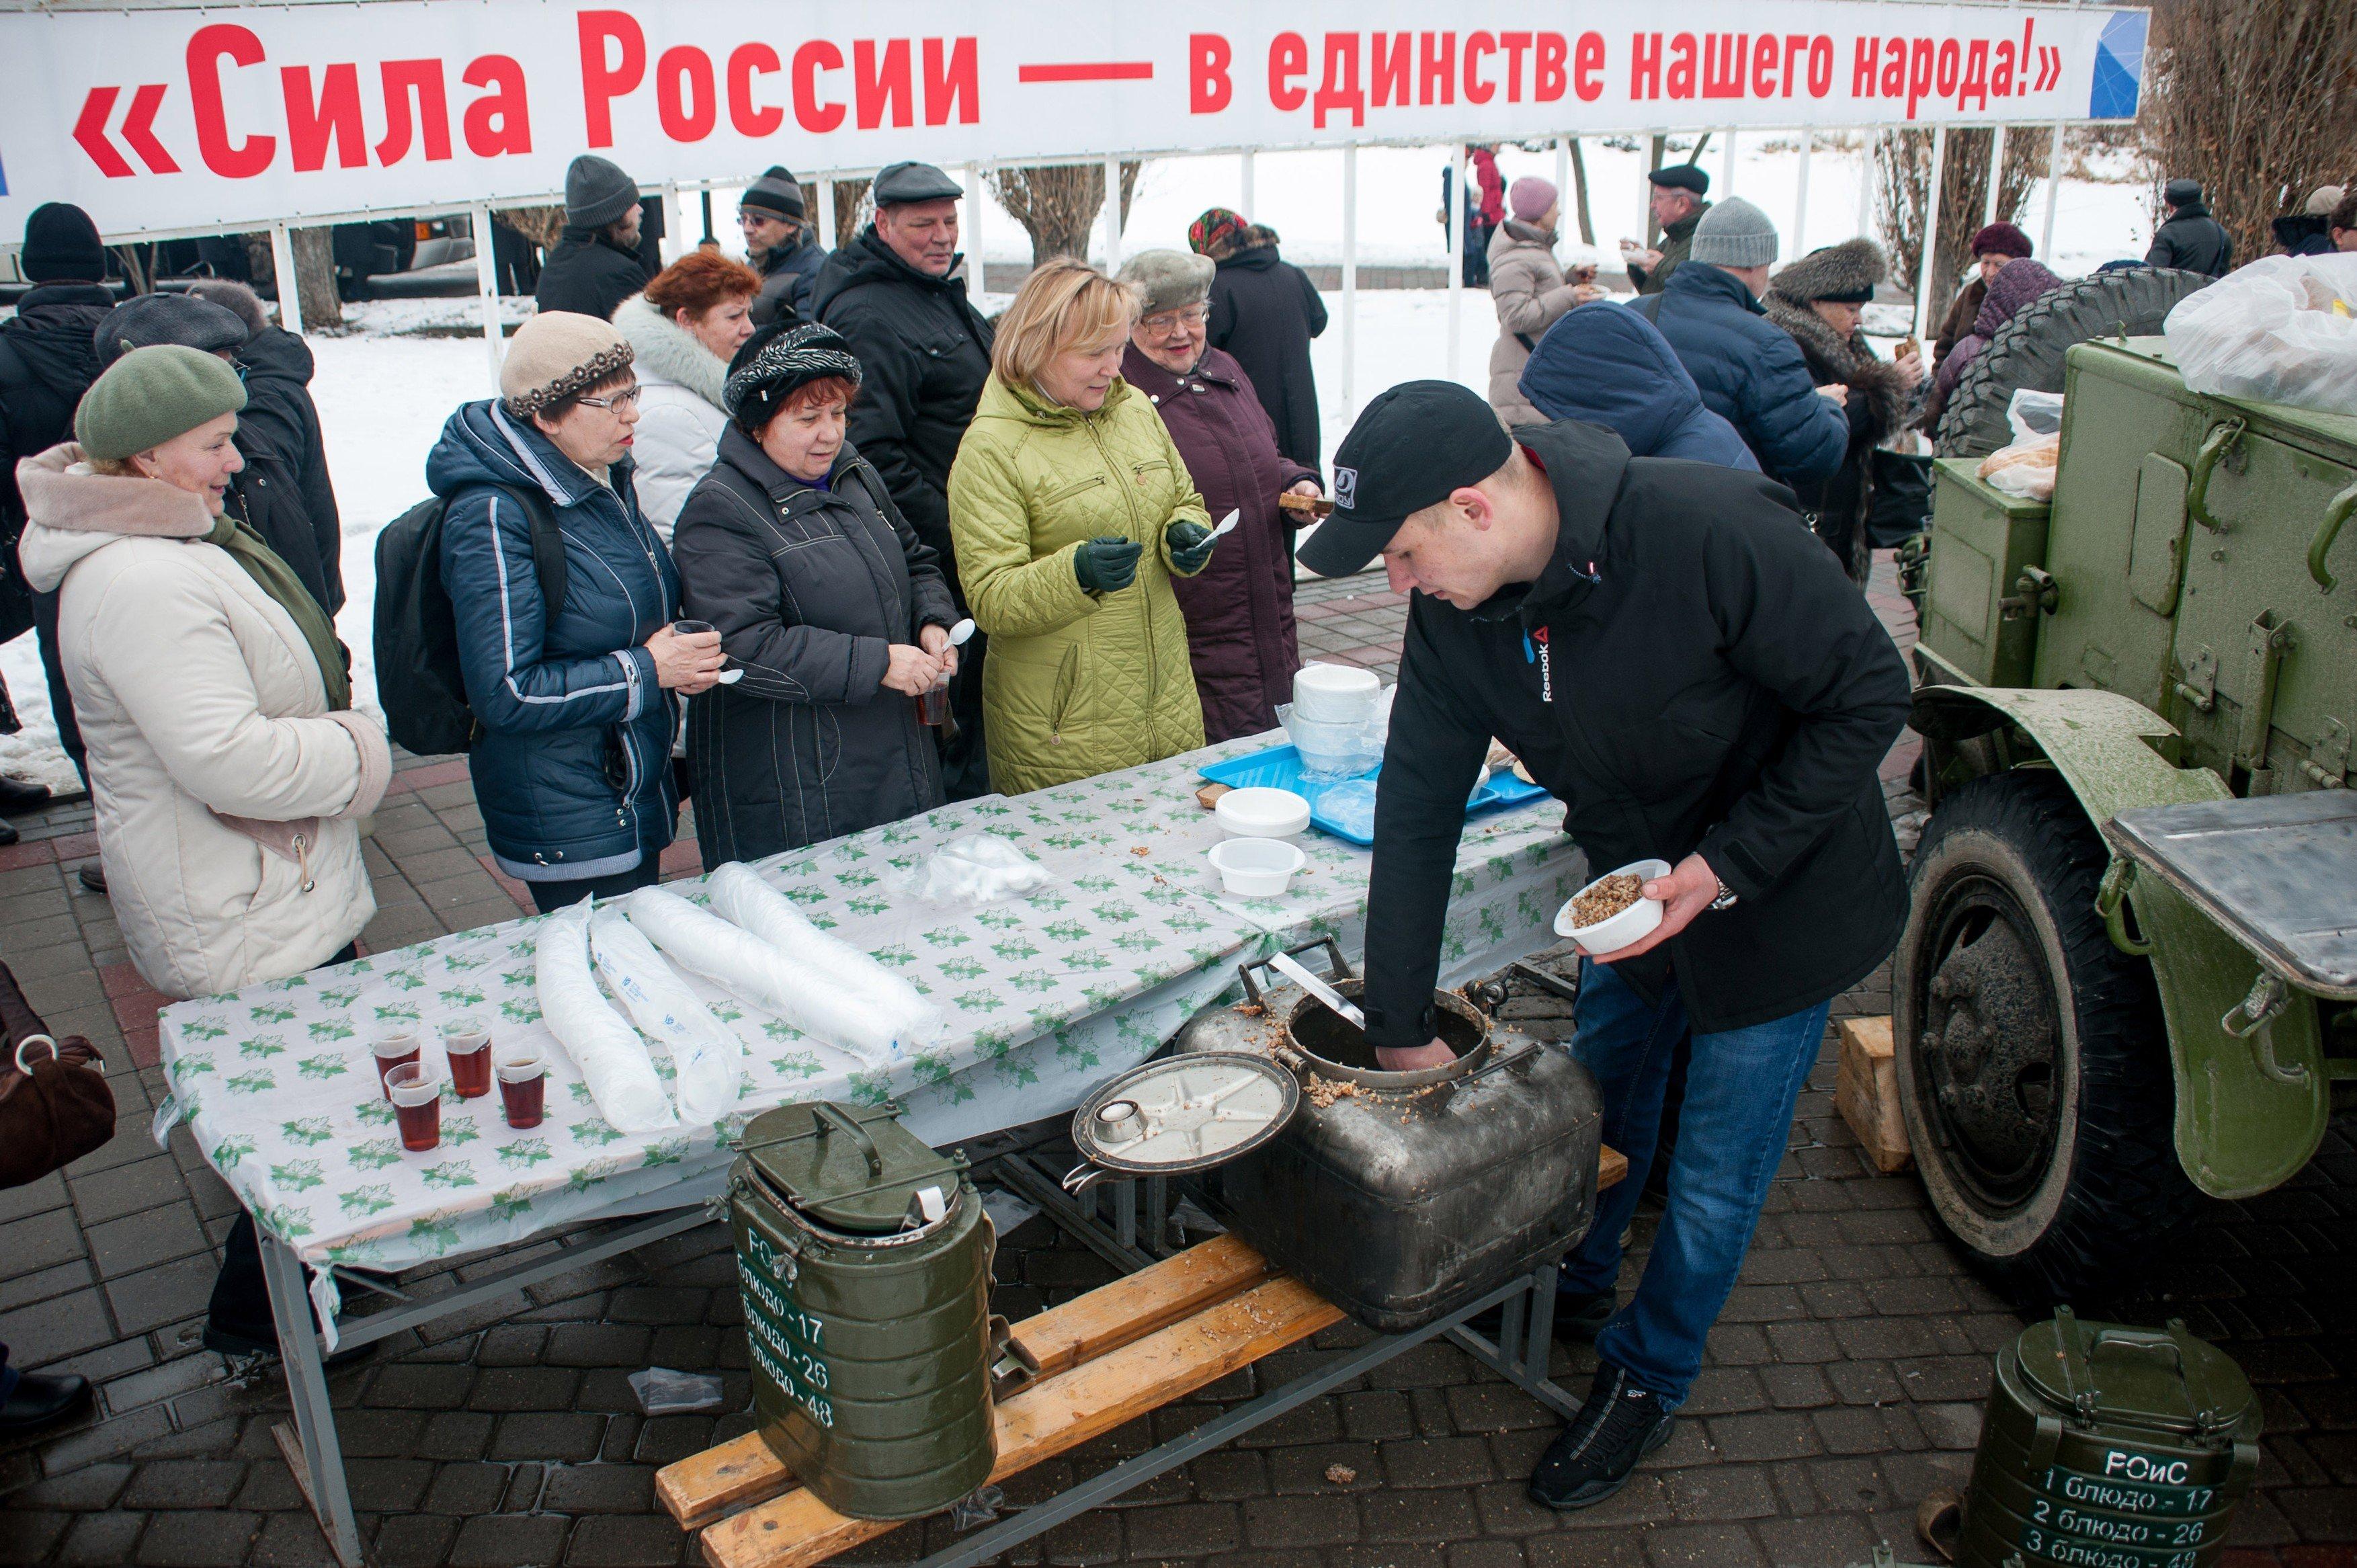 Nápis Síla Ruska - v jednotě našeho národa